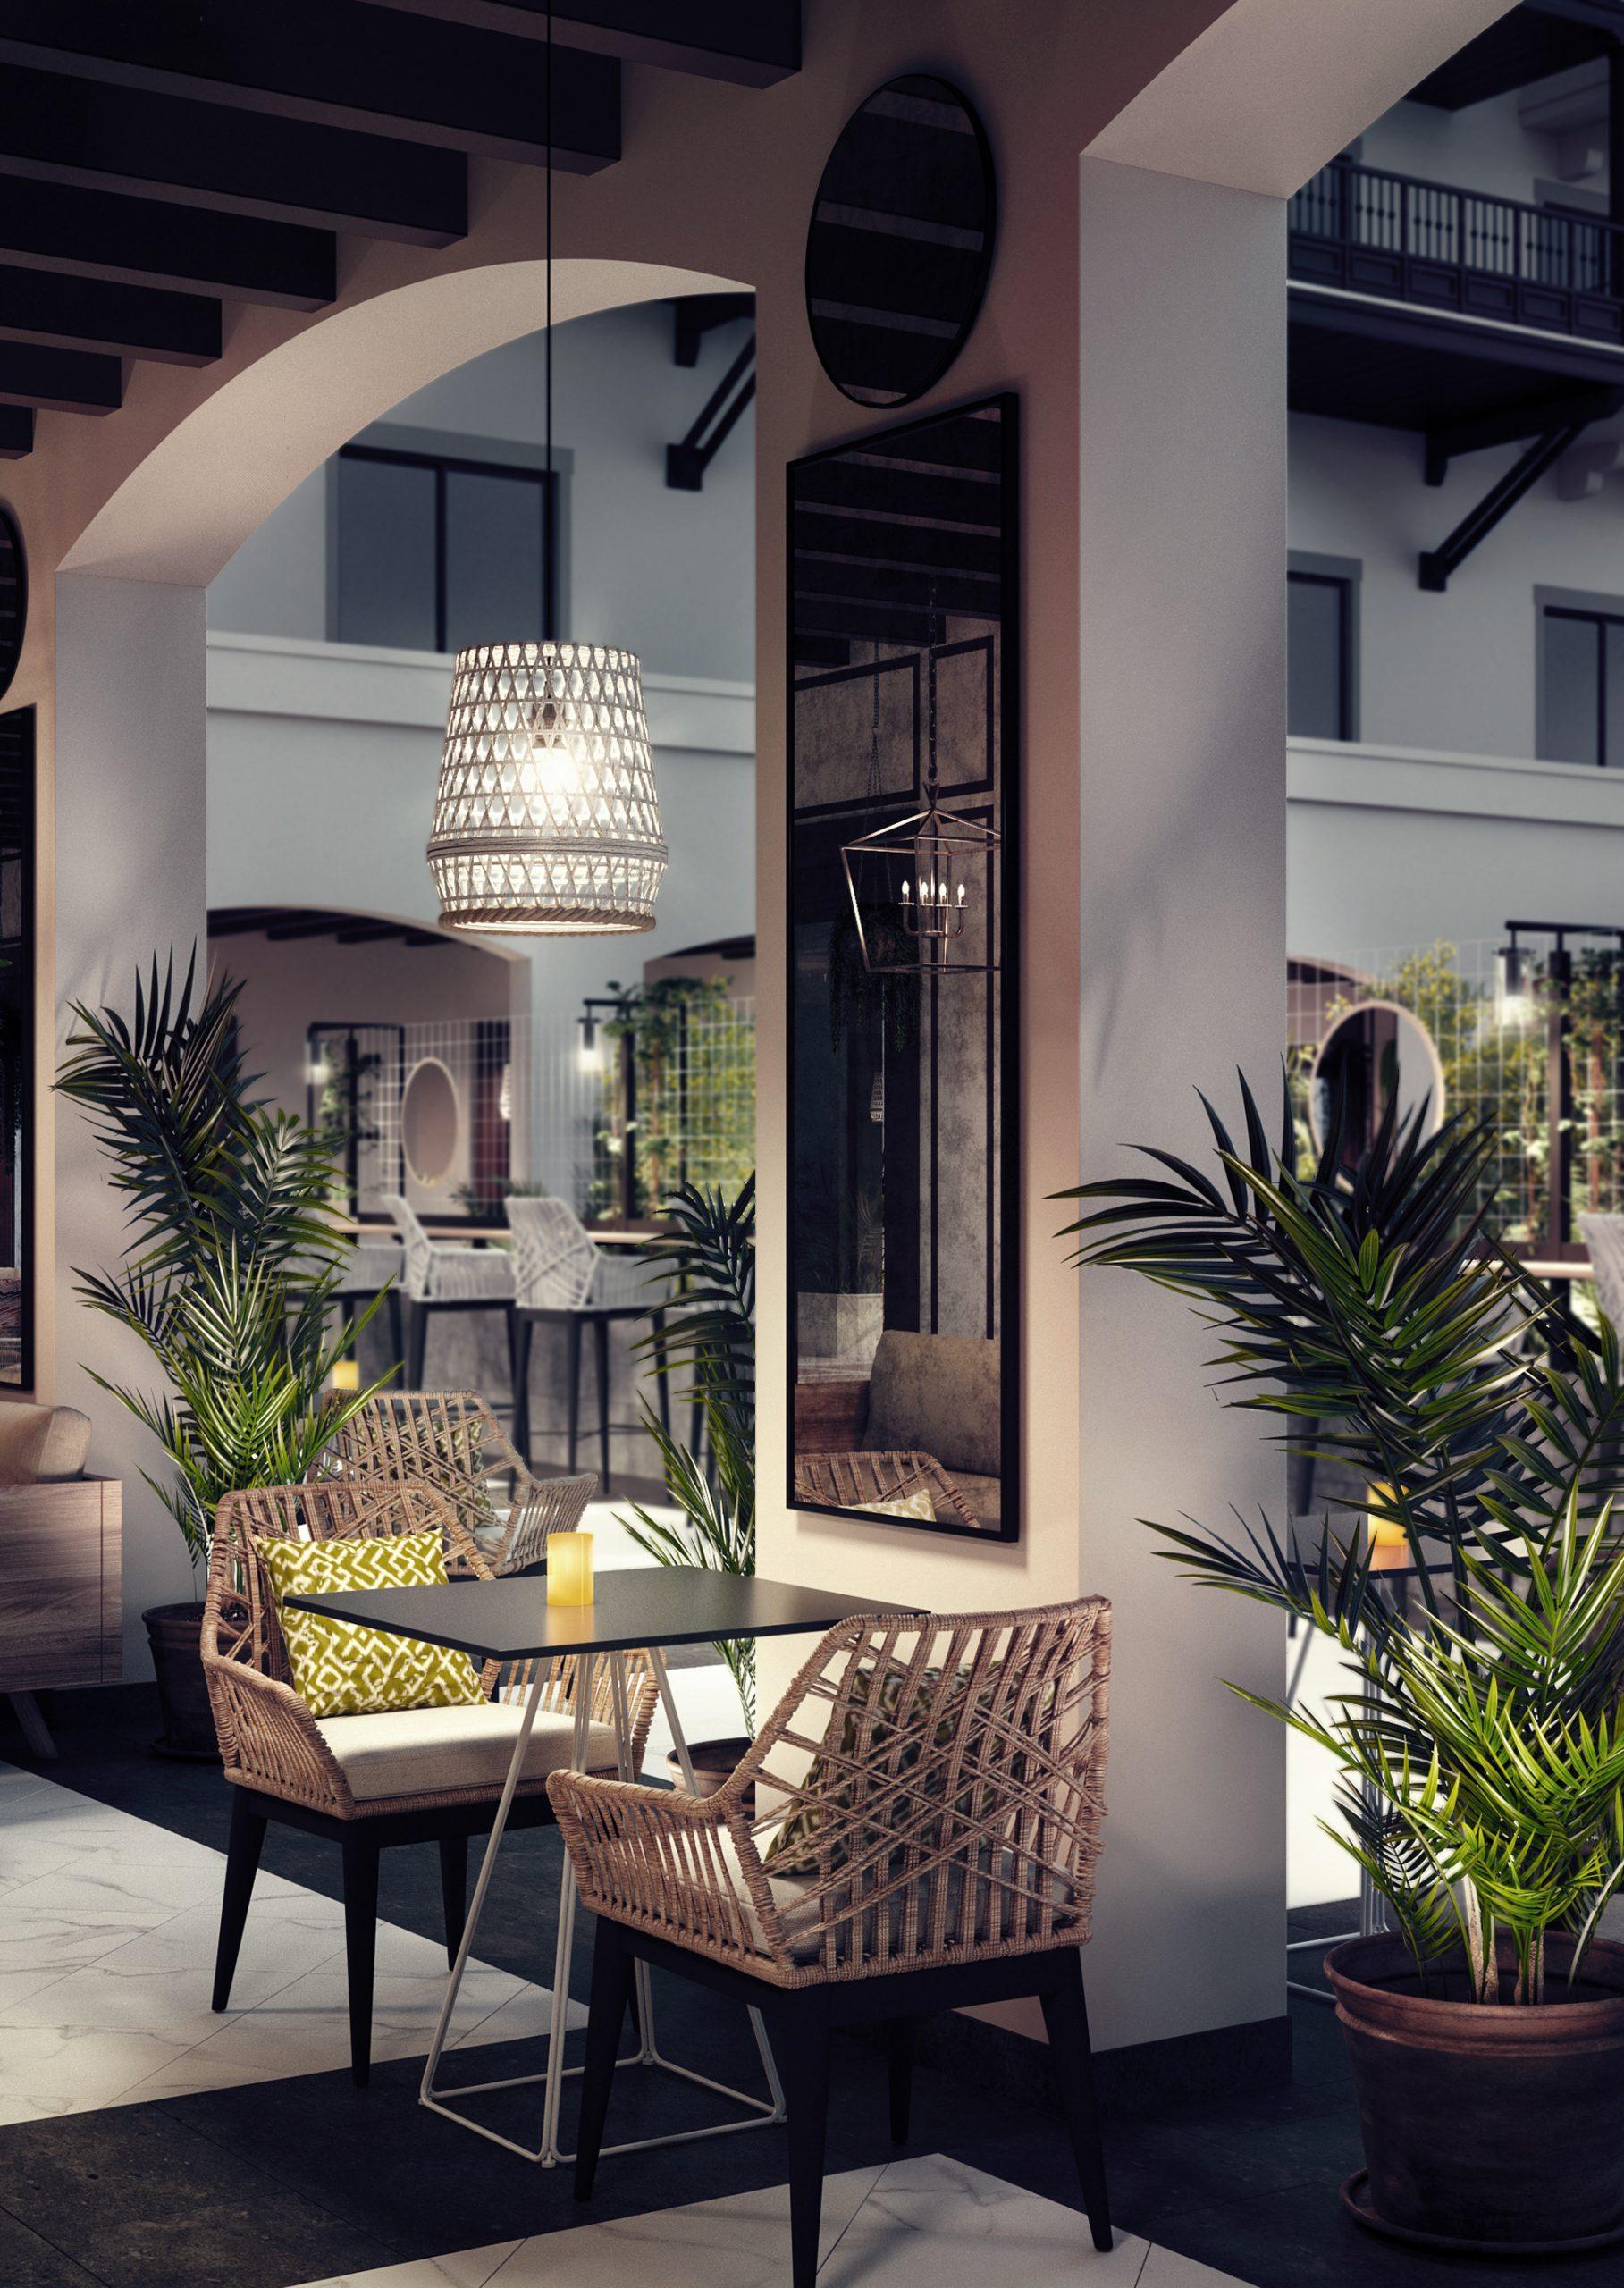 visualización arquitectónica de hotel